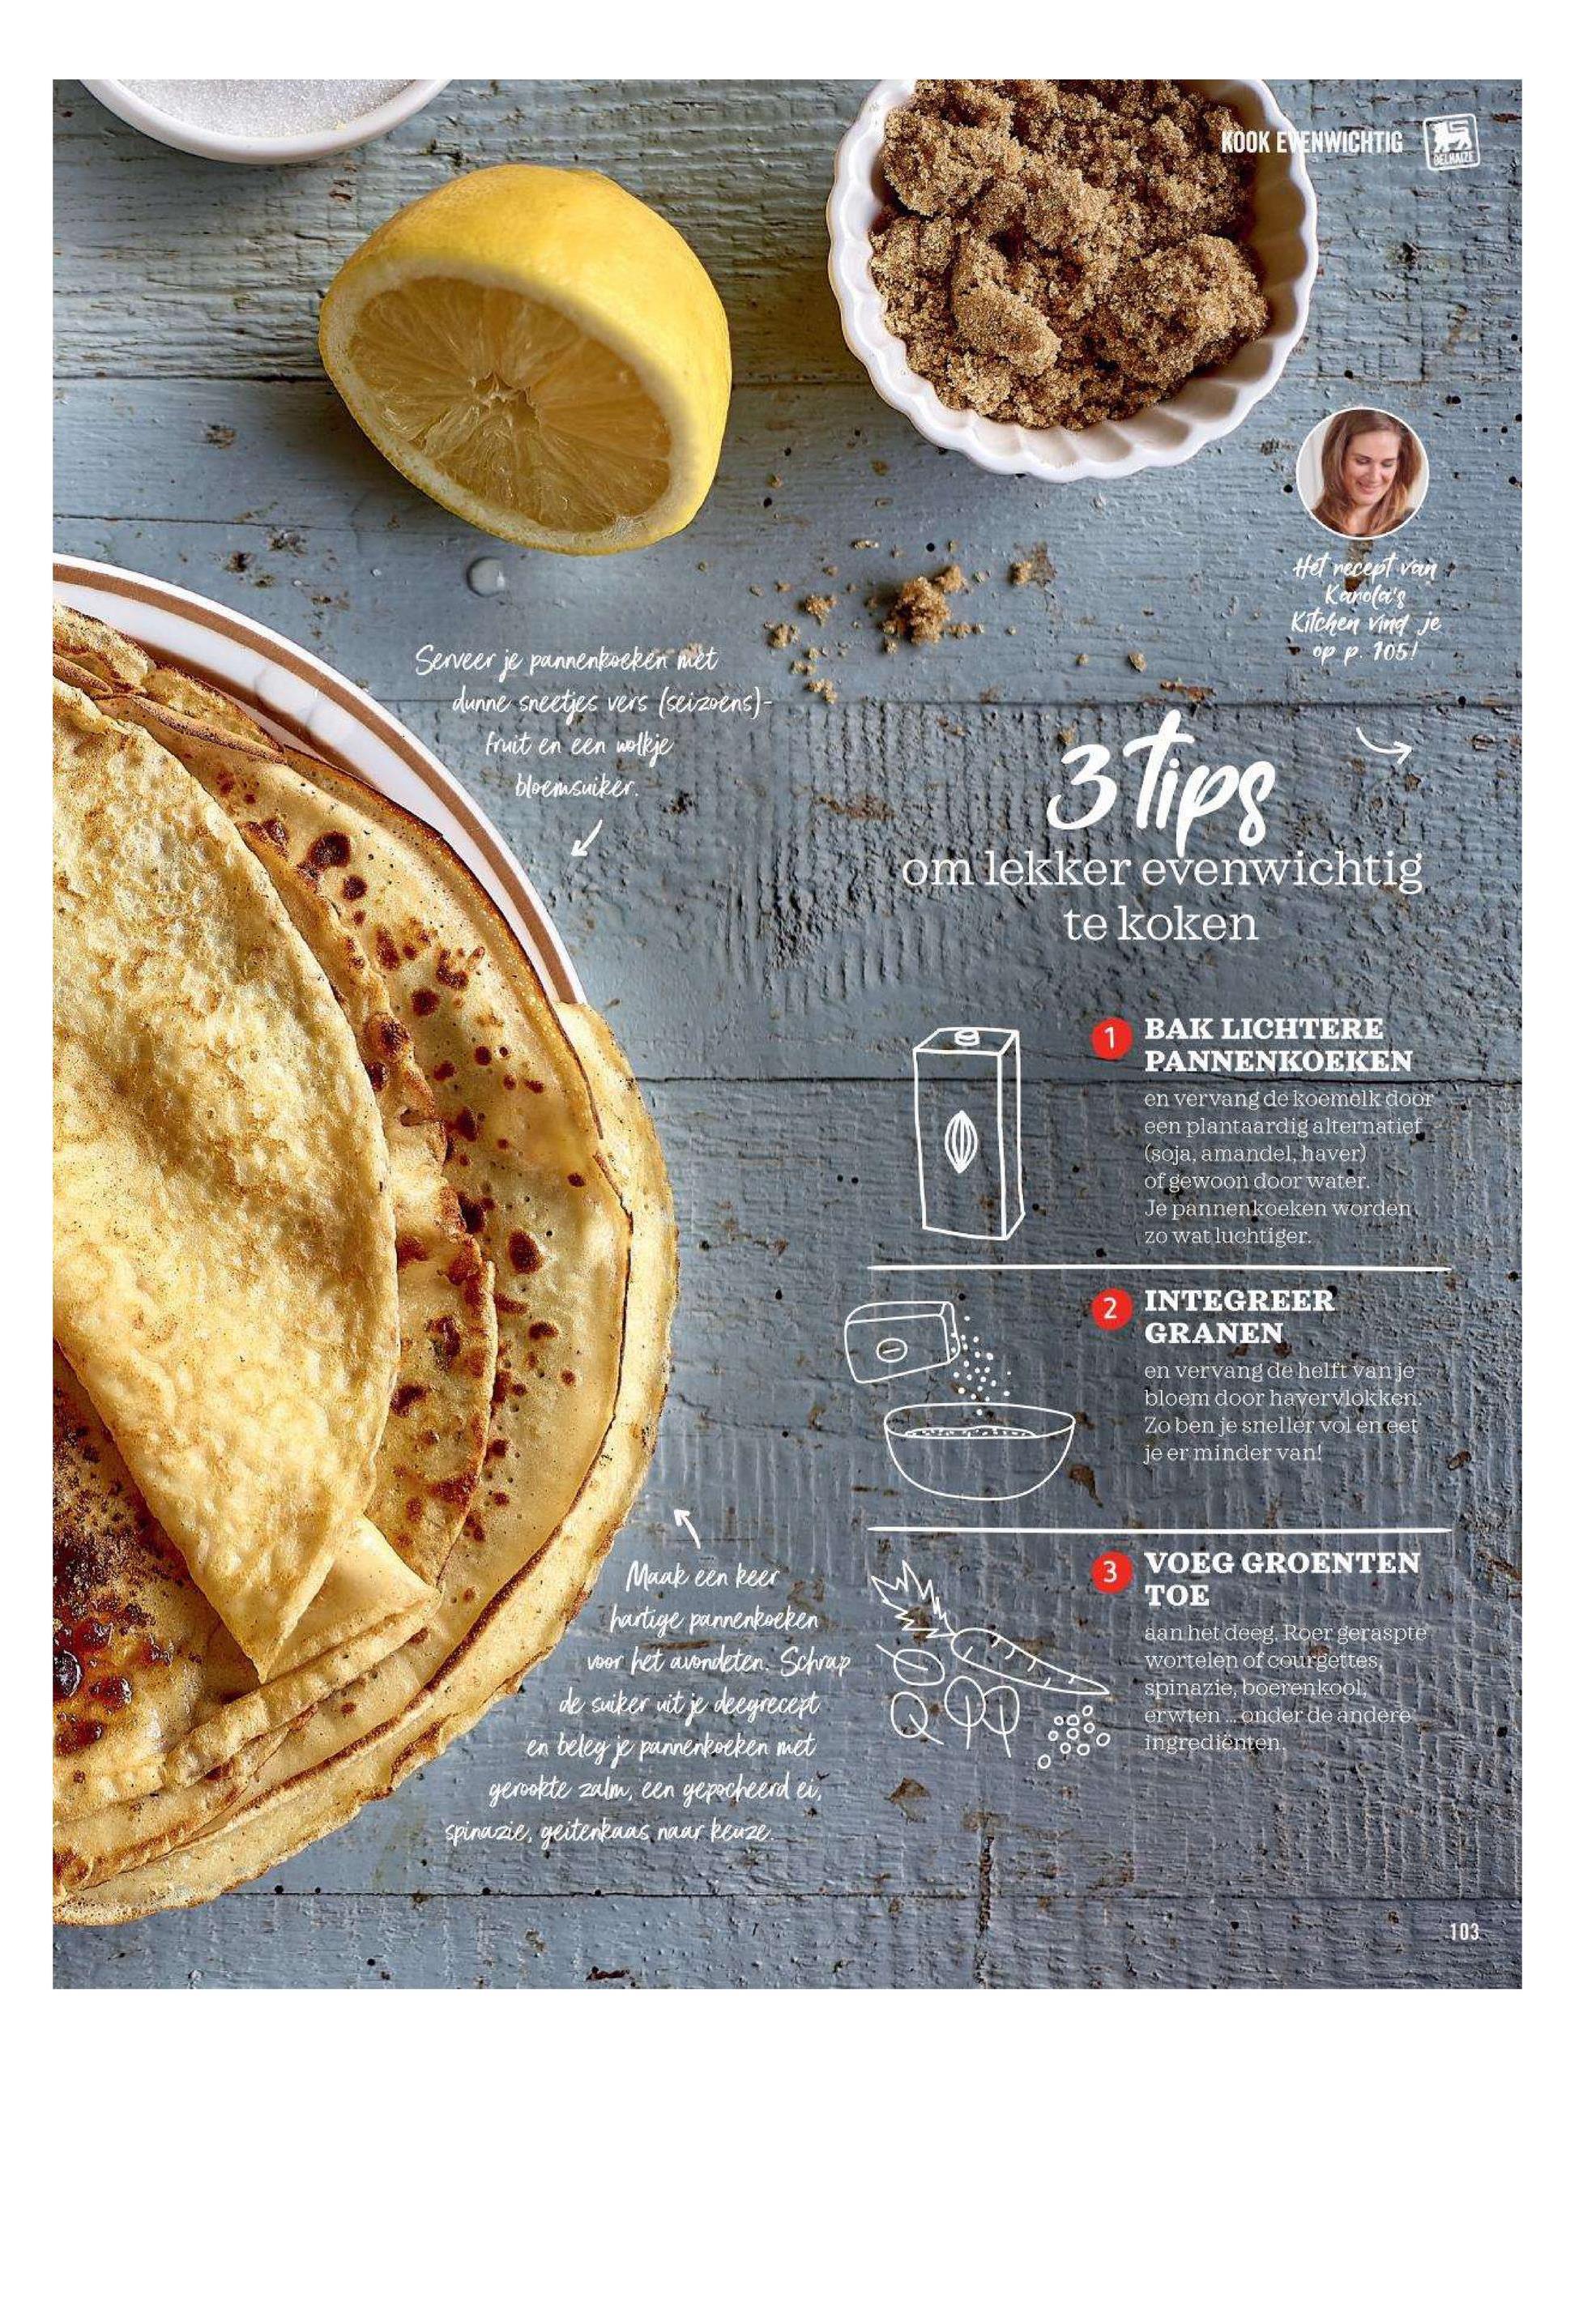 KOOK EVENWICHTIG I Het recept van Kitchen vind je op p. 105! Serveer je pannenkoeken met dunne sneetjes vers (seizoens) - fruit en een wolkje bloemsuiker. om lekker evenwichtig te koken 1 BAK LICHTERE PANNENKOEKEN en vervang de koemelk door een plantaardig alternatief (soja, amandel, haver) of gewoon door water. Je pannenkoeken worden   zowat luchtiger. 2 INTEGREER GRANEN en vervang de helft vanje bloem door havervlokken. Zoben je sneller vol en eet je er minder van! Maak een keer hartige pannenkoeken voor het avondeten. Schrap de suiker uit je deegrecept en beley je pannenkoeken met gerookte zalm, een gepocheerd ei spinazie, geitenkaas naar keuze. 3. VOEG GROENTEN ТОЕ aan het deeg. Roer geraspte wortelen of courgettes, a spinazie, boerenkool, erwten ... onder de andere o ingrediënten,